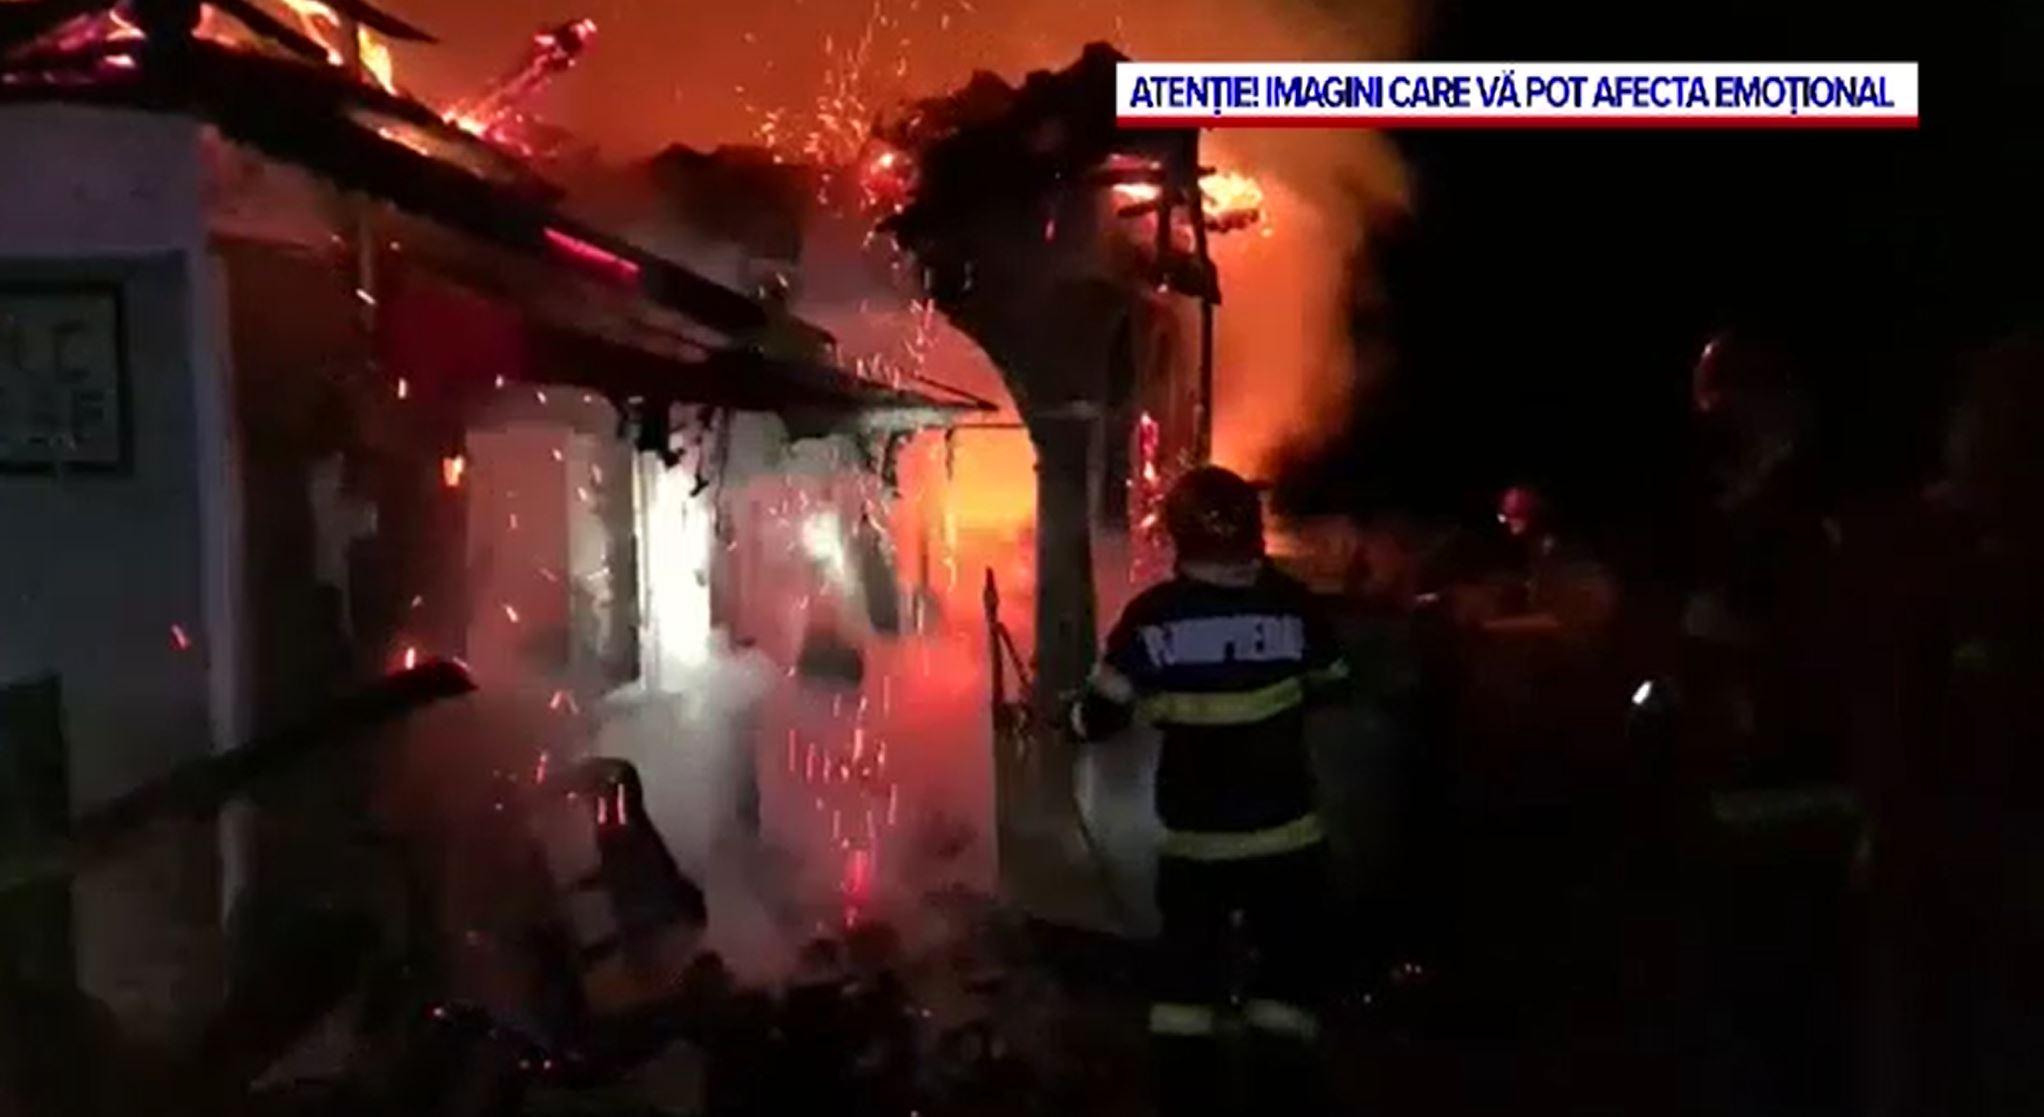 Incediu suspect în Câmpulung. Ce anchetează poliția, după ce o casă a fost mistuită de flăcări